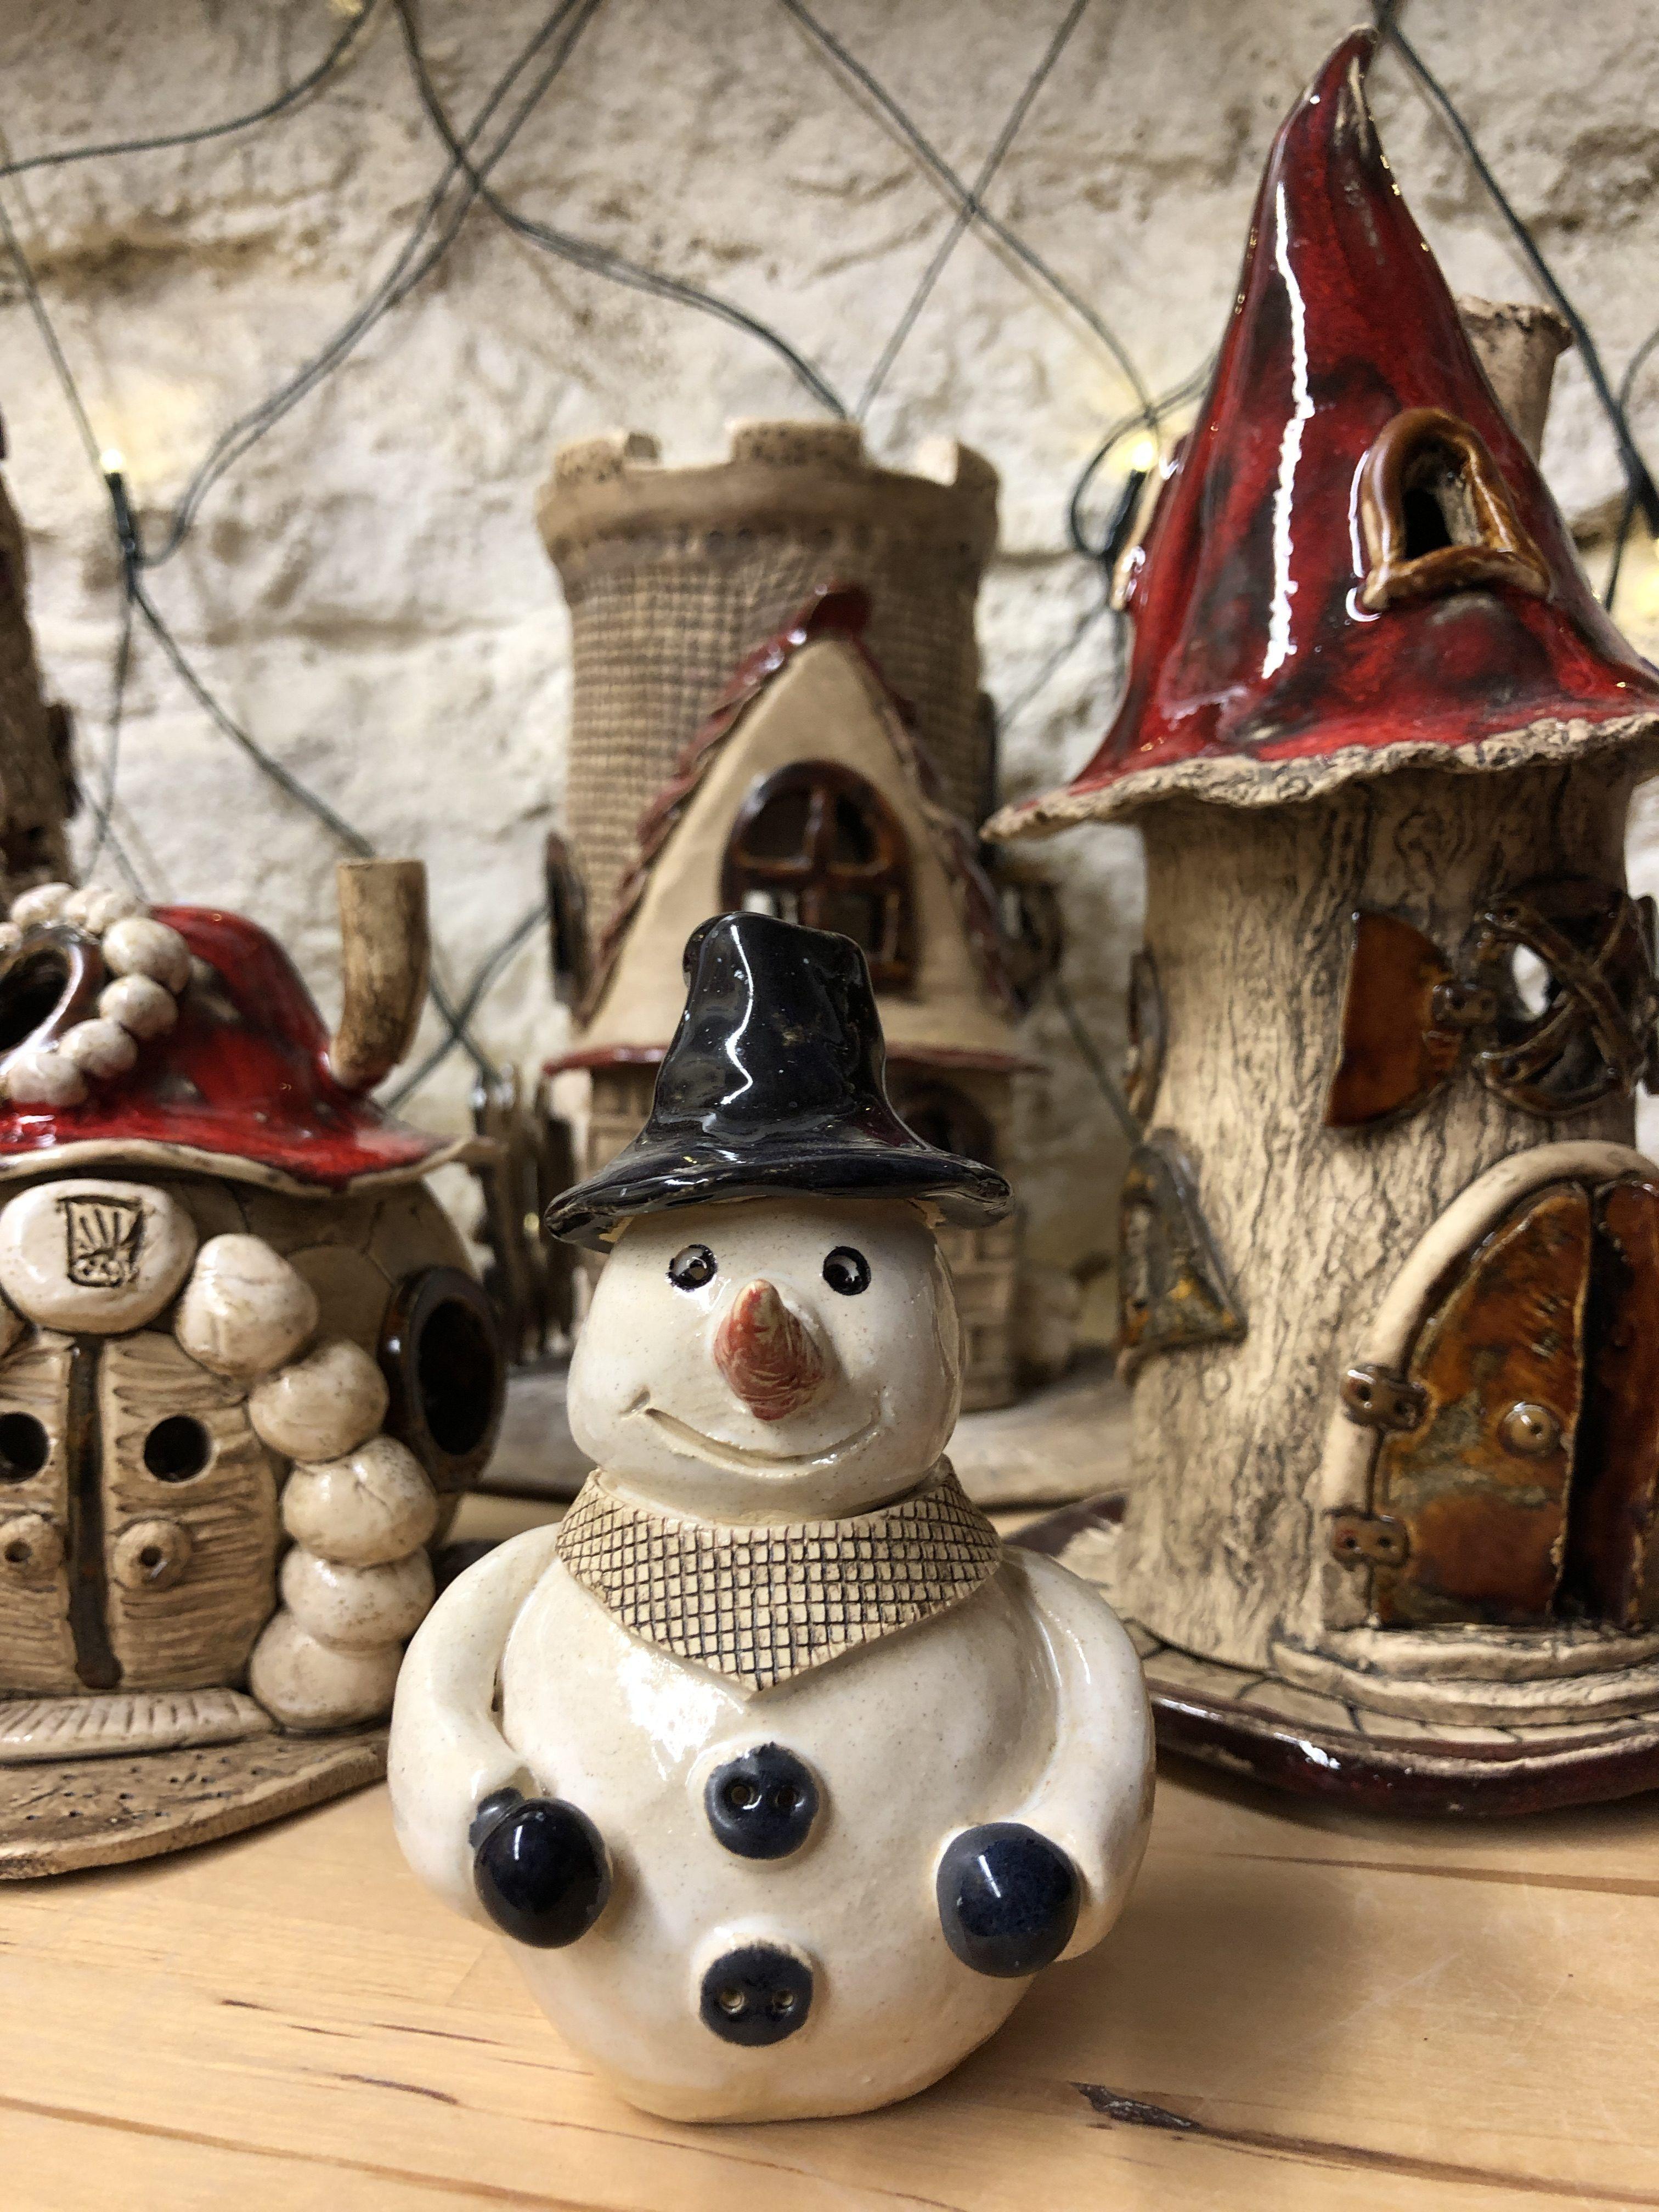 bildergebnis f r t pfern anregungen weihnachten keramika. Black Bedroom Furniture Sets. Home Design Ideas